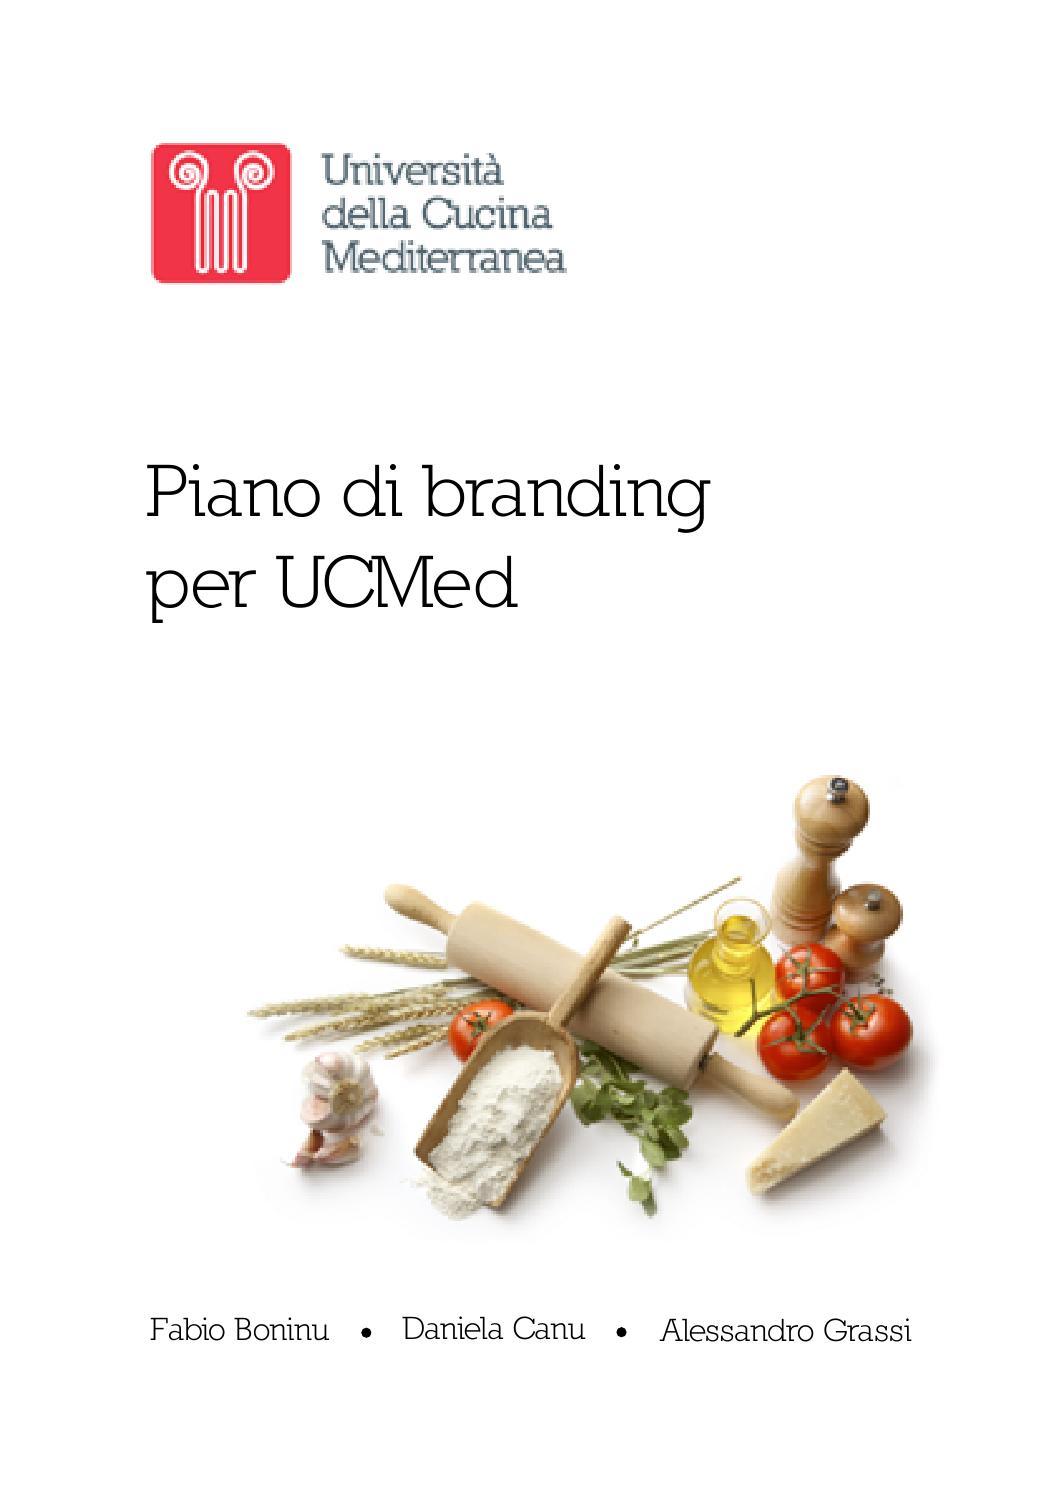 Piano strategico per UCMed – Università della Cucina Mediterranea ...